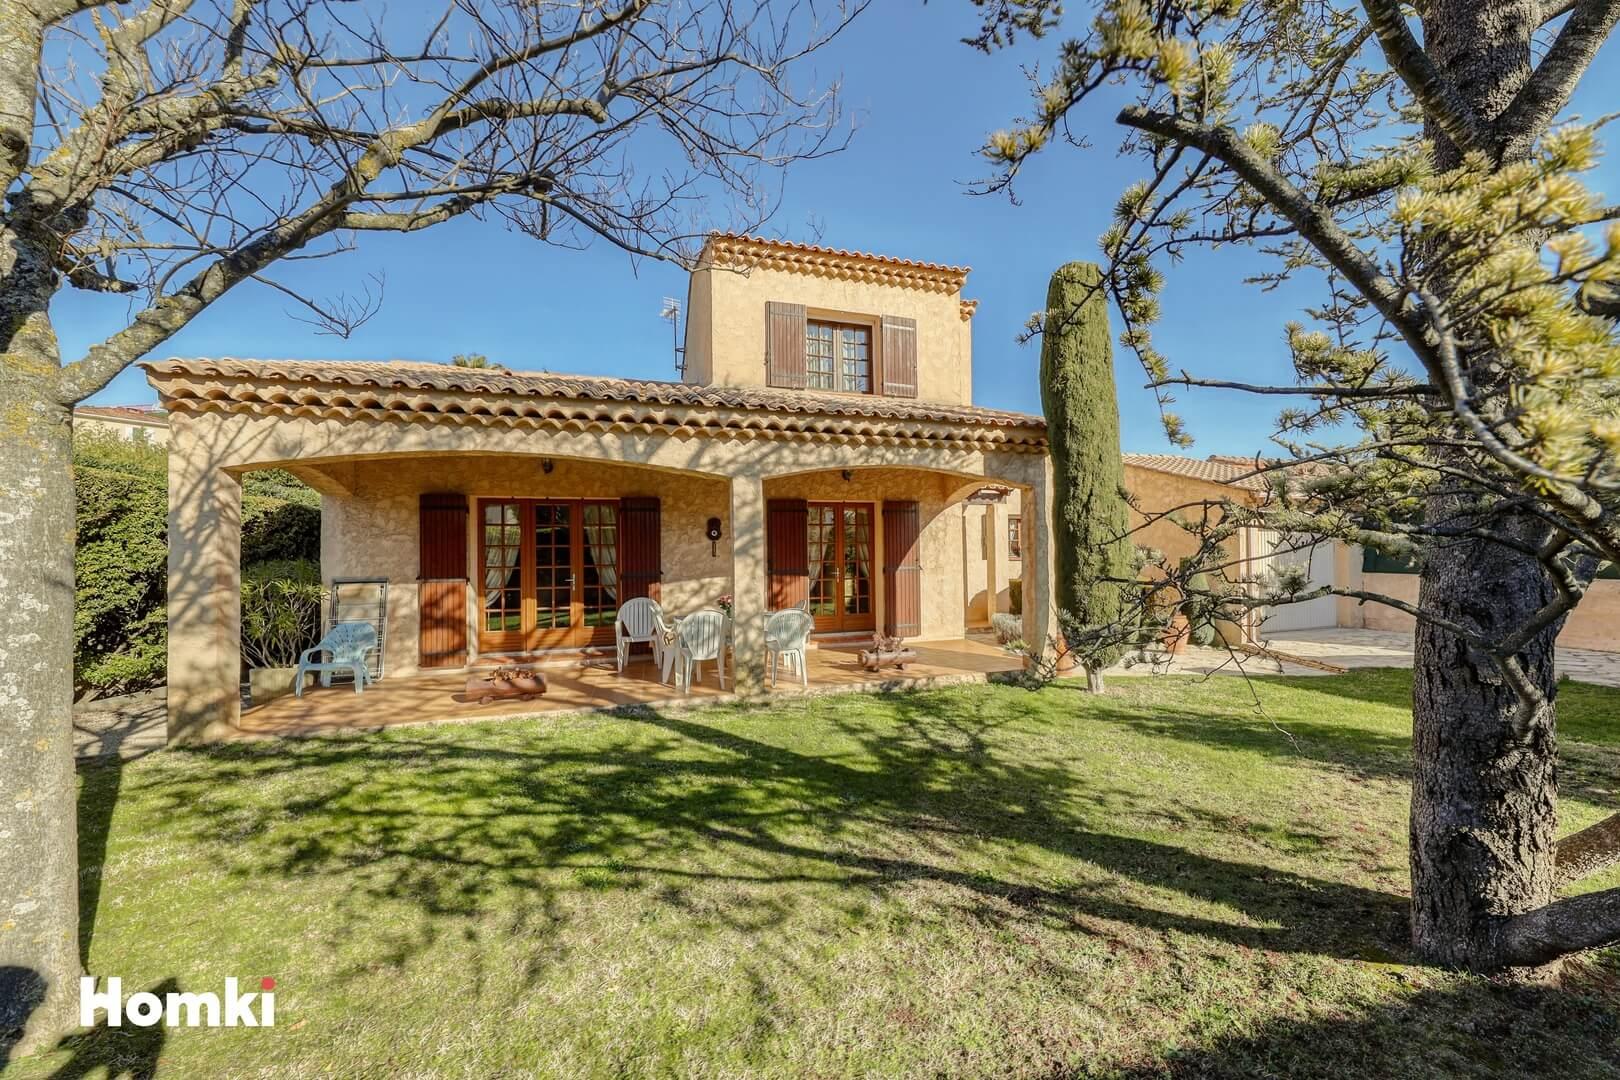 Homki - Vente Maison/villa  de 114.0 m² à Marseille 13013